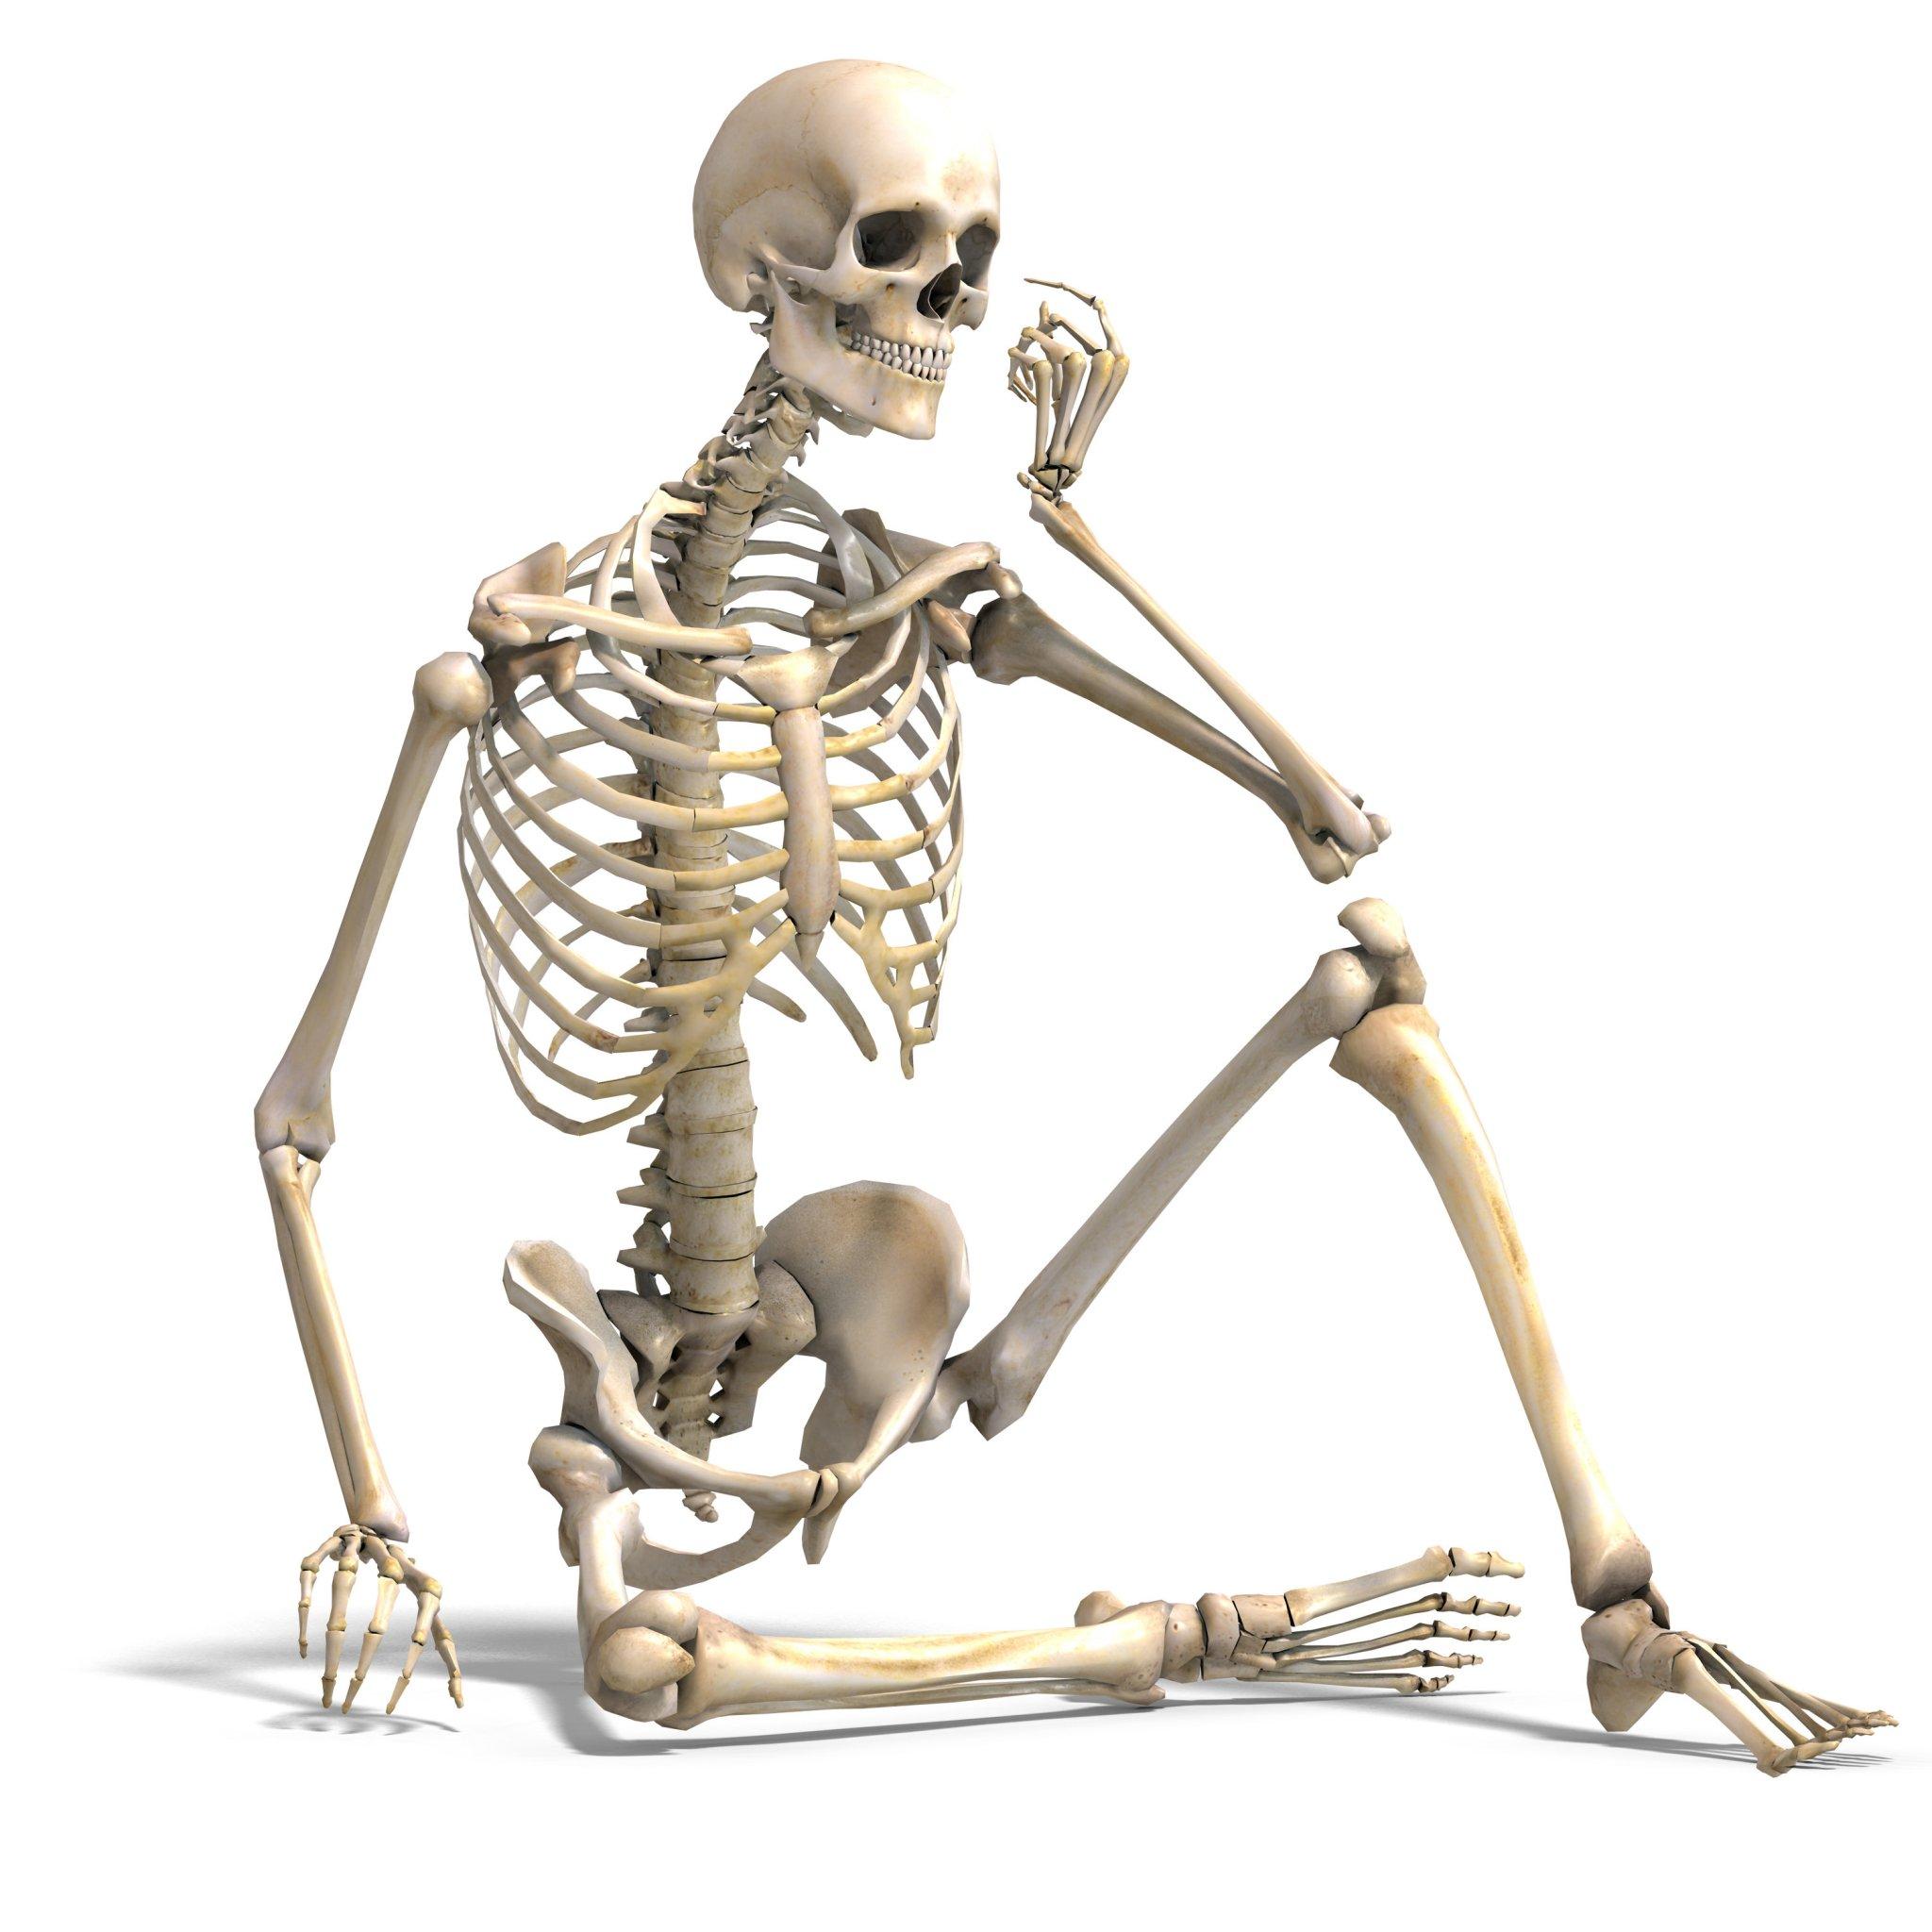 MaleSkeletonsitting1.thumb.jpg.8a1dd326eaff93349e5bda5a06b379f8.jpg